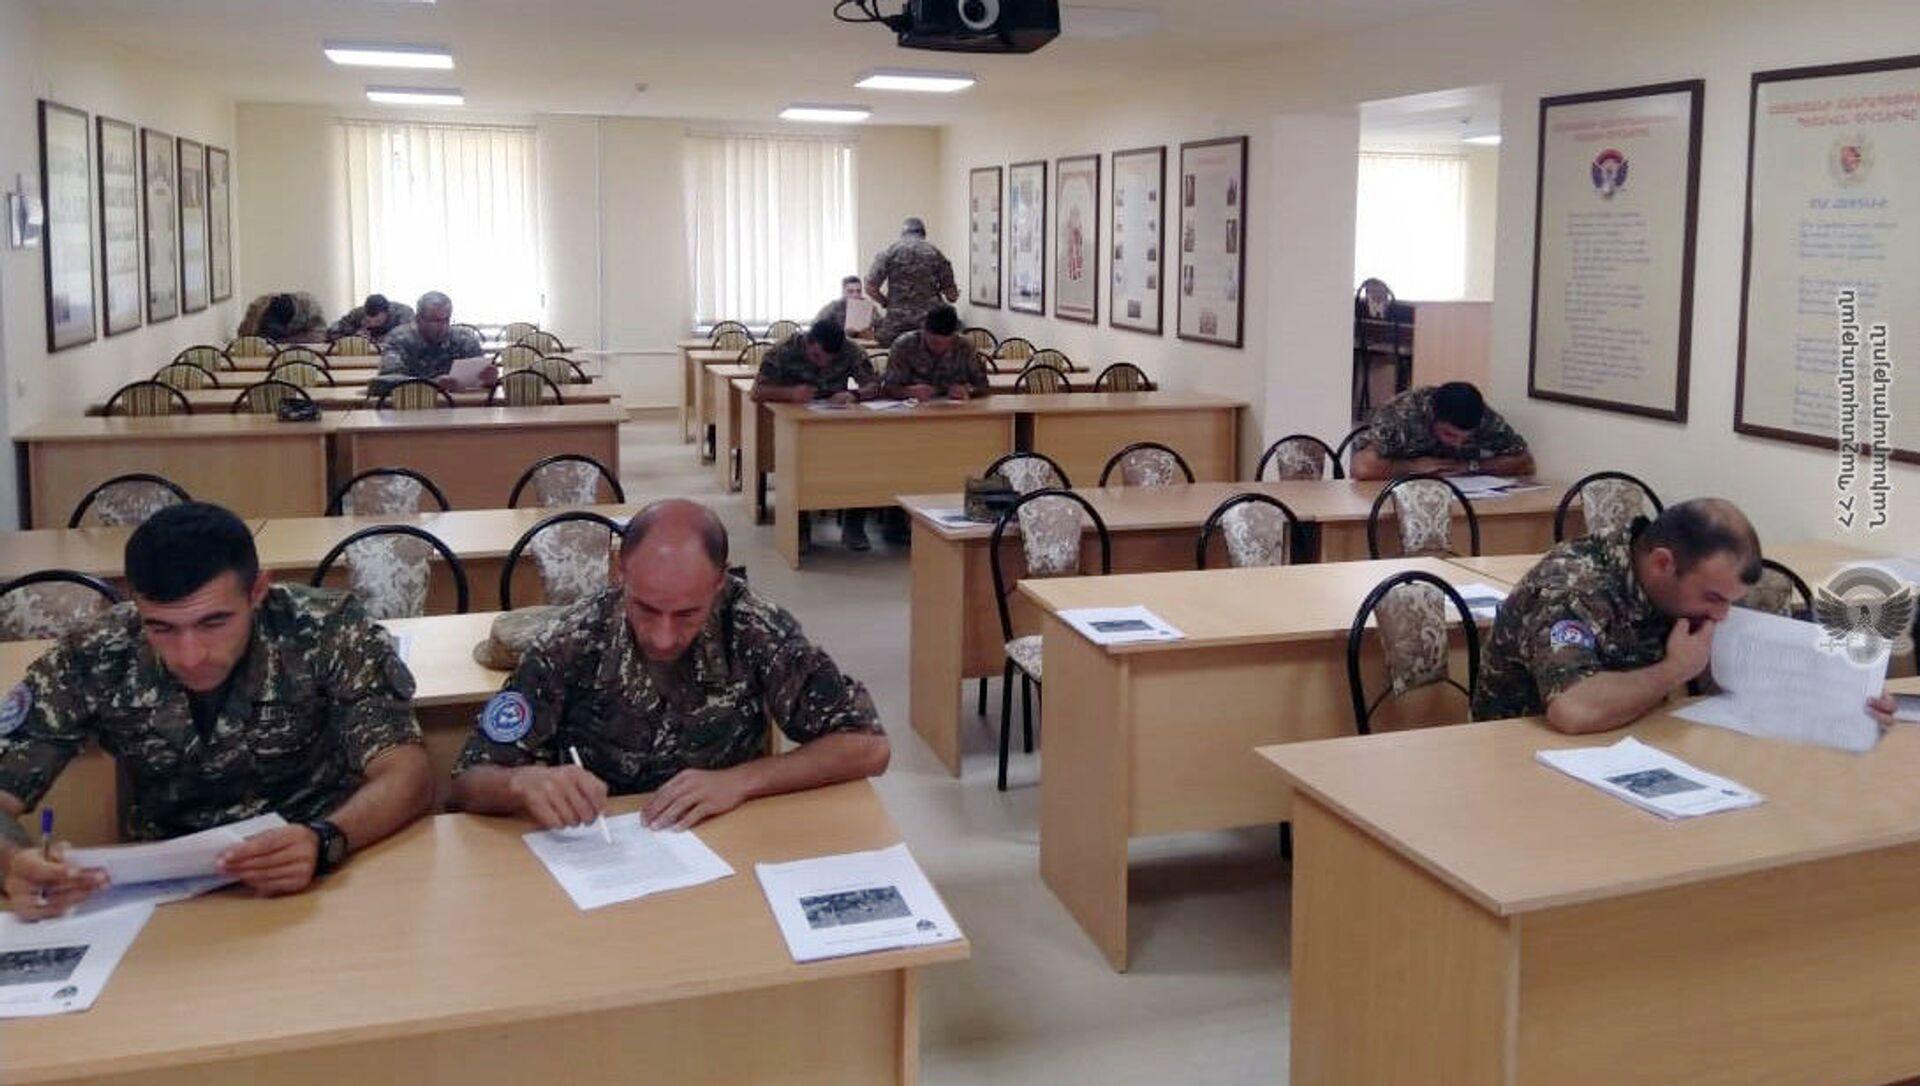 Военнослужащие миротворческой бригады Минобороны проходят курс Руководство младшими командирами, который проводит британская военно-консультативная группа подготовки в учебном центре ZAR - Sputnik Արմենիա, 1920, 13.09.2021